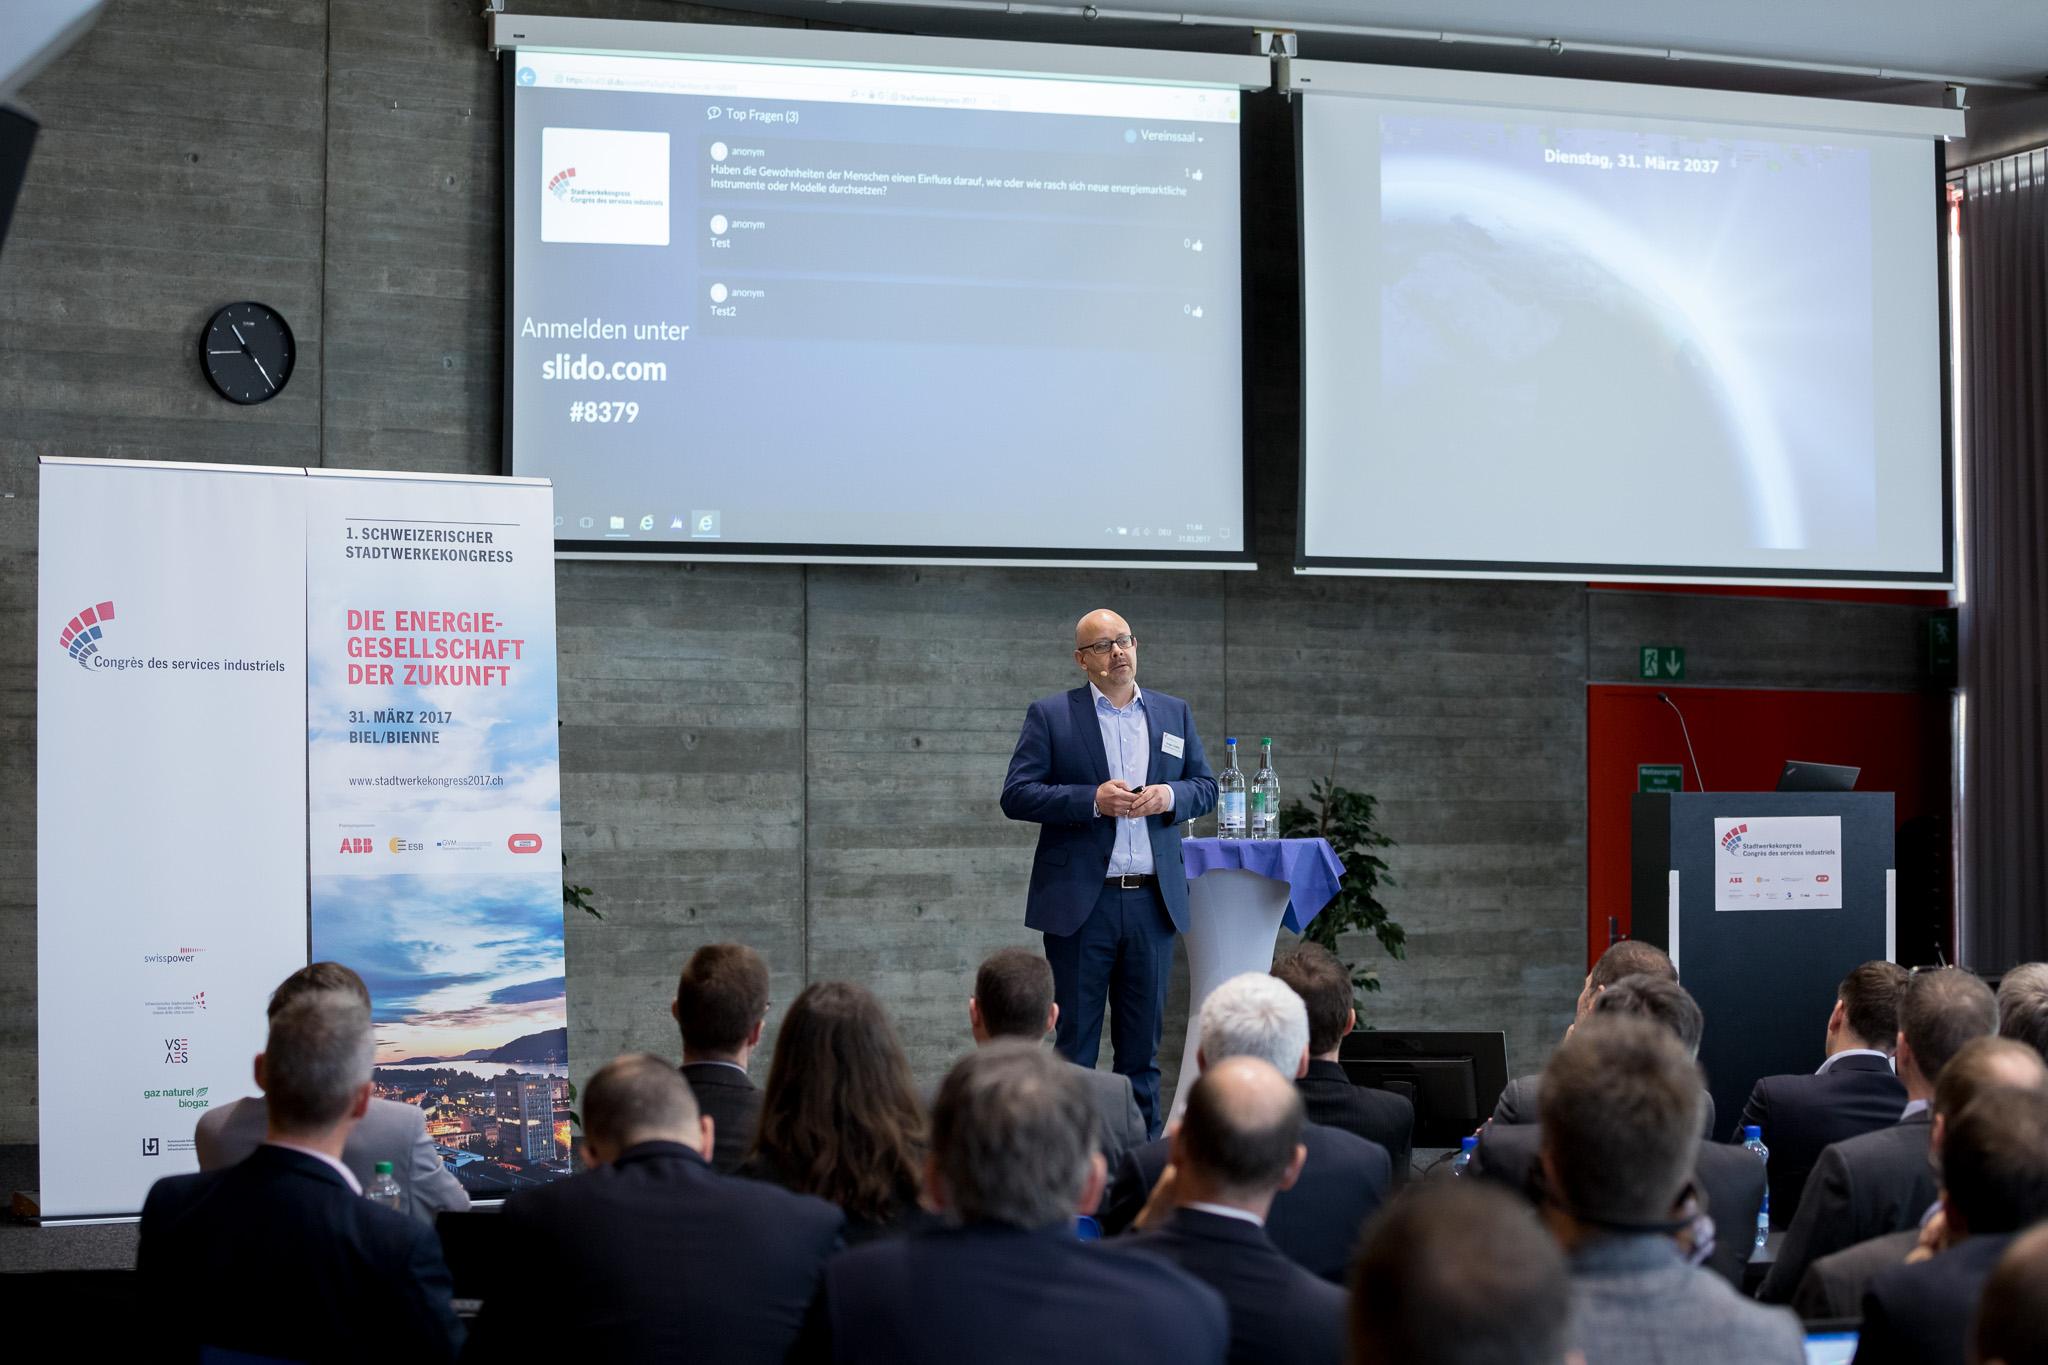 Stadtwerkekongress 2017